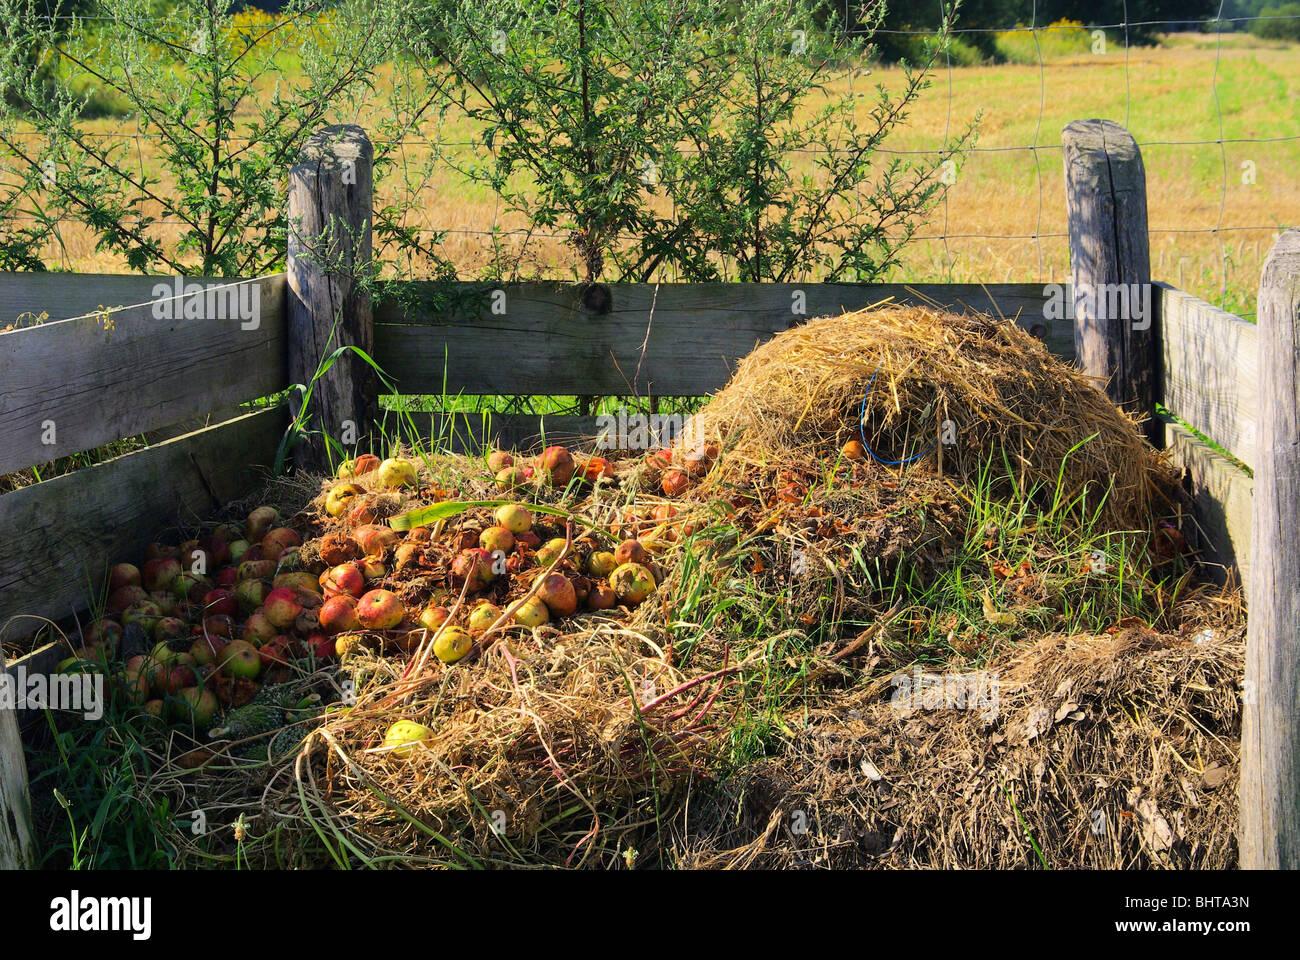 Komposthaufen - Kompost Haufen 06 Stockbild